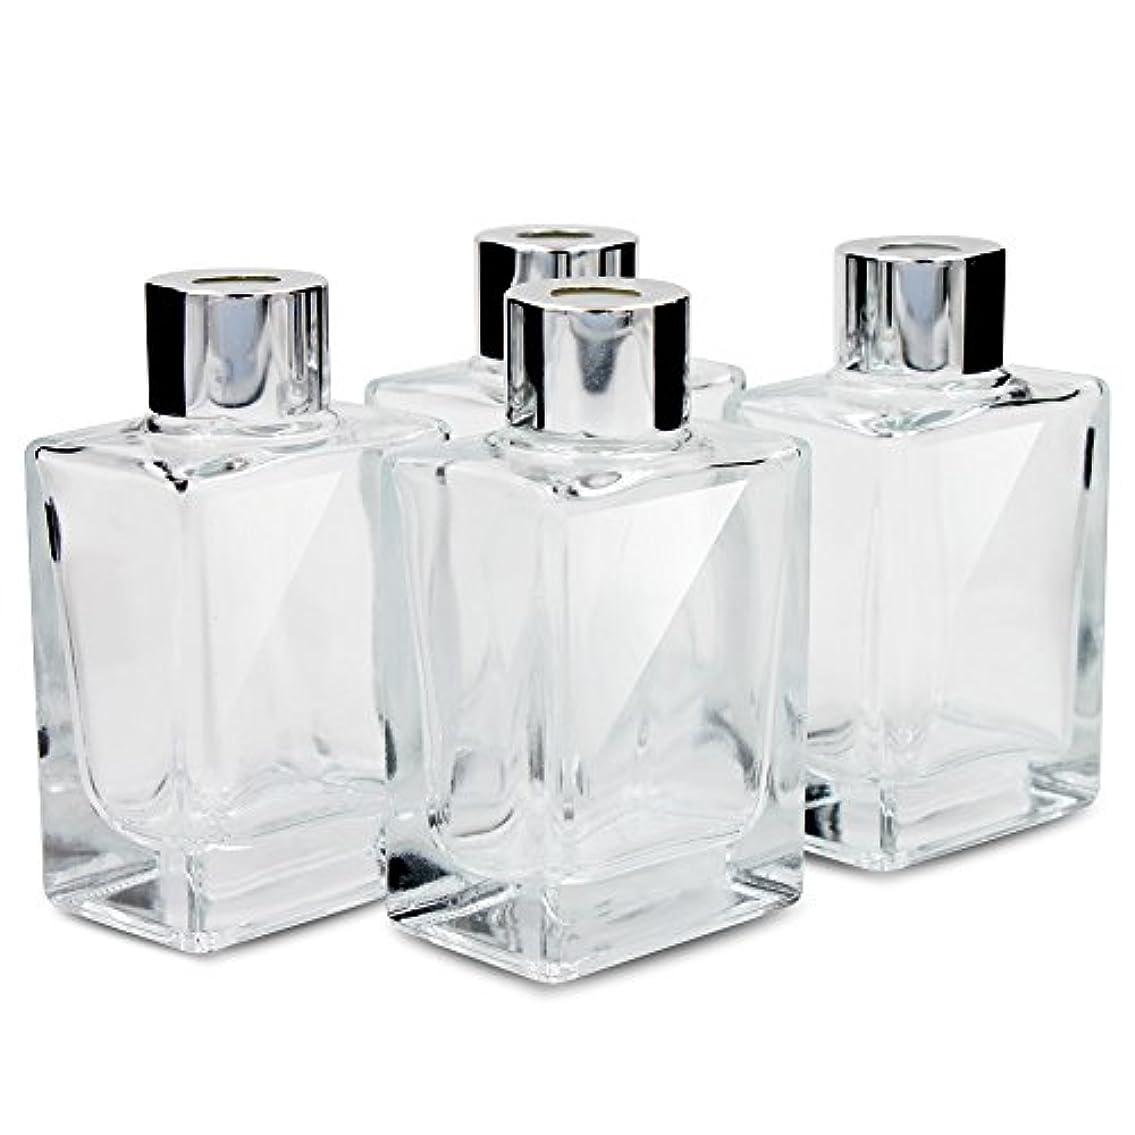 余剰栄光のいじめっ子Feel Fragrance リードディフューザー用 リードディフューザーボトル 容器 透明 蓋付き 4本セット 40ML方形 (GB-40)